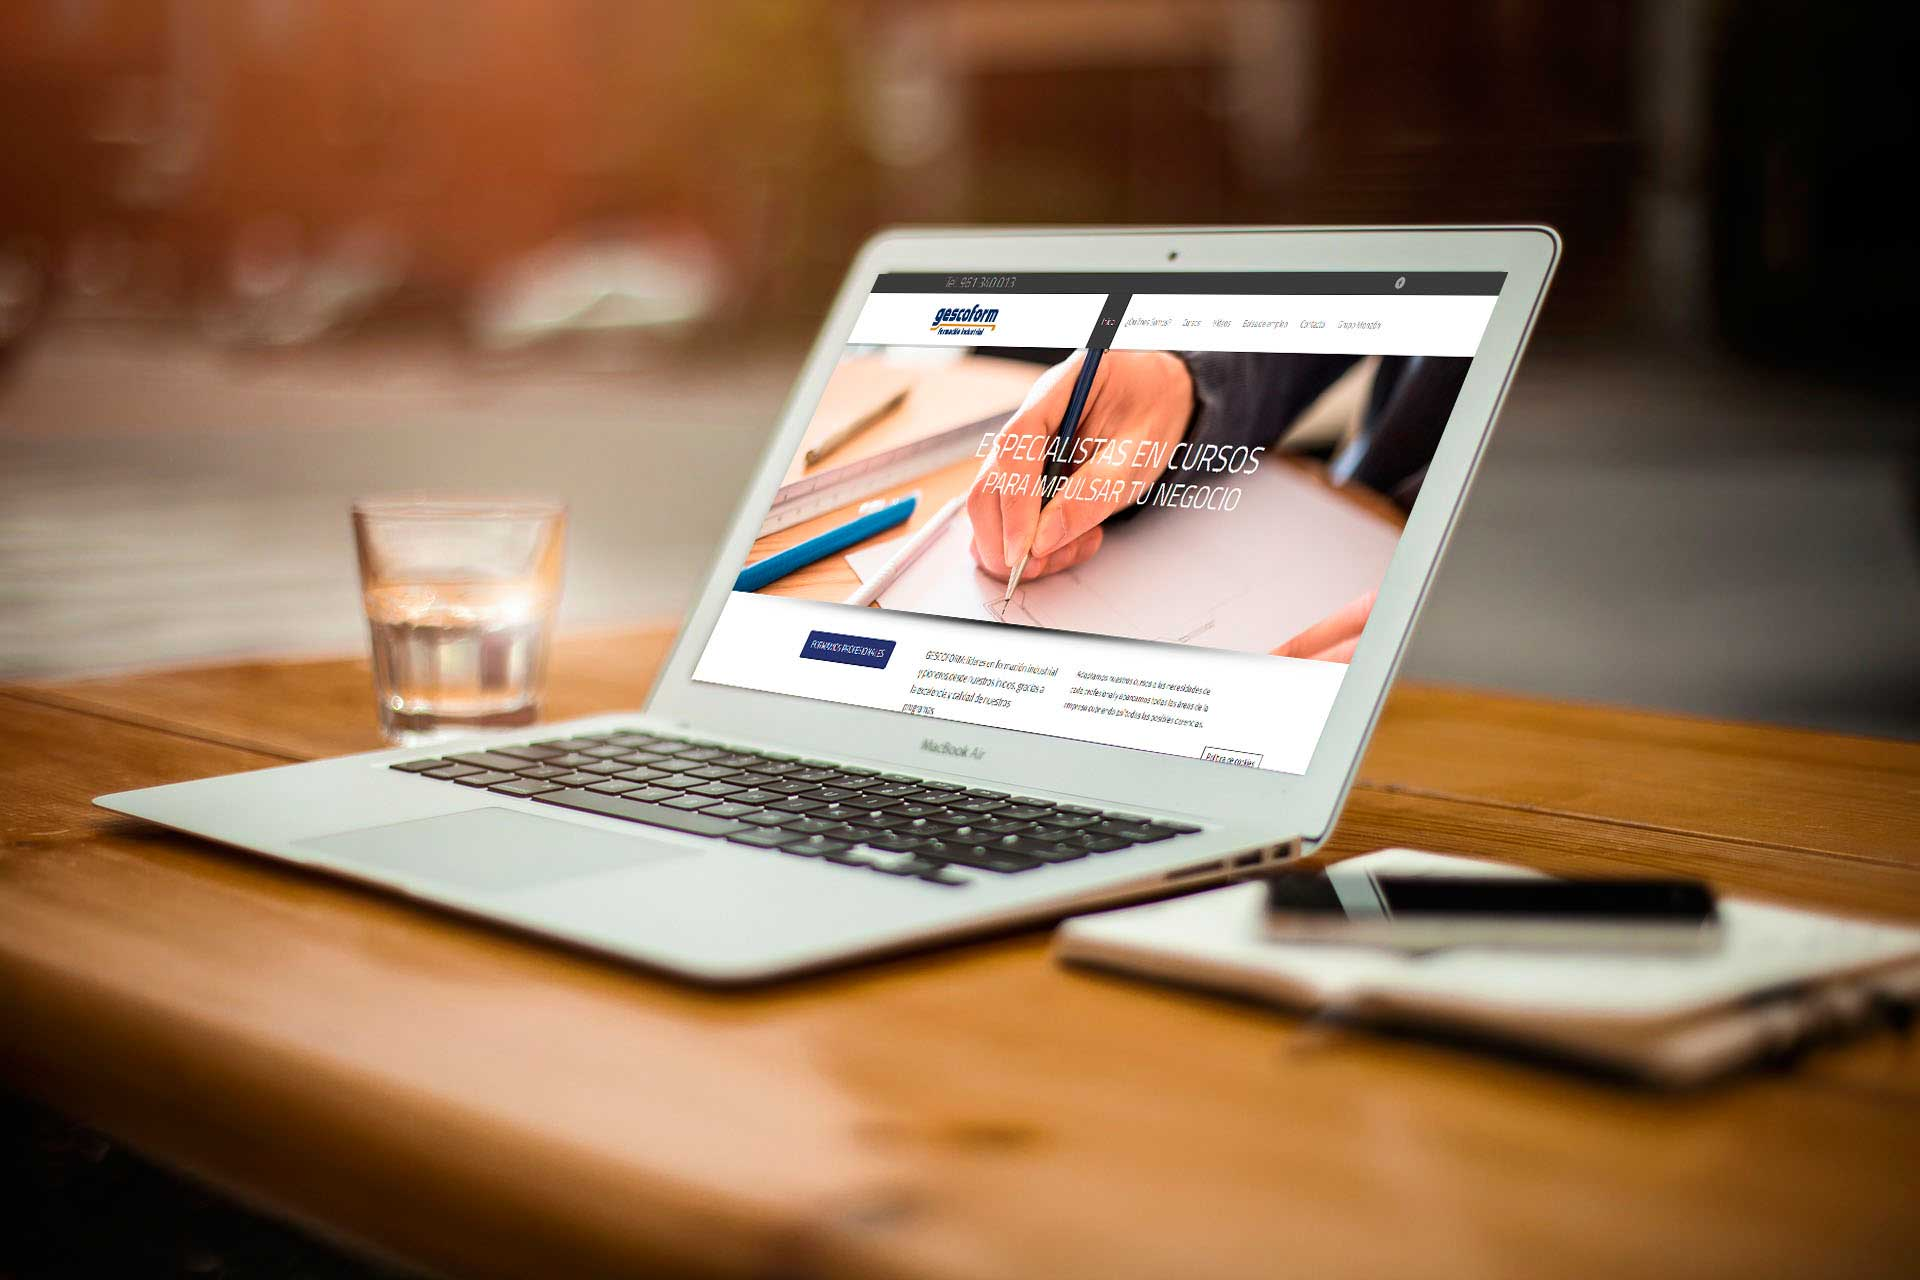 Gescoform. Diseño web corporativo&&ciudad&&. Diseño web wordpress&&ciudad&&.